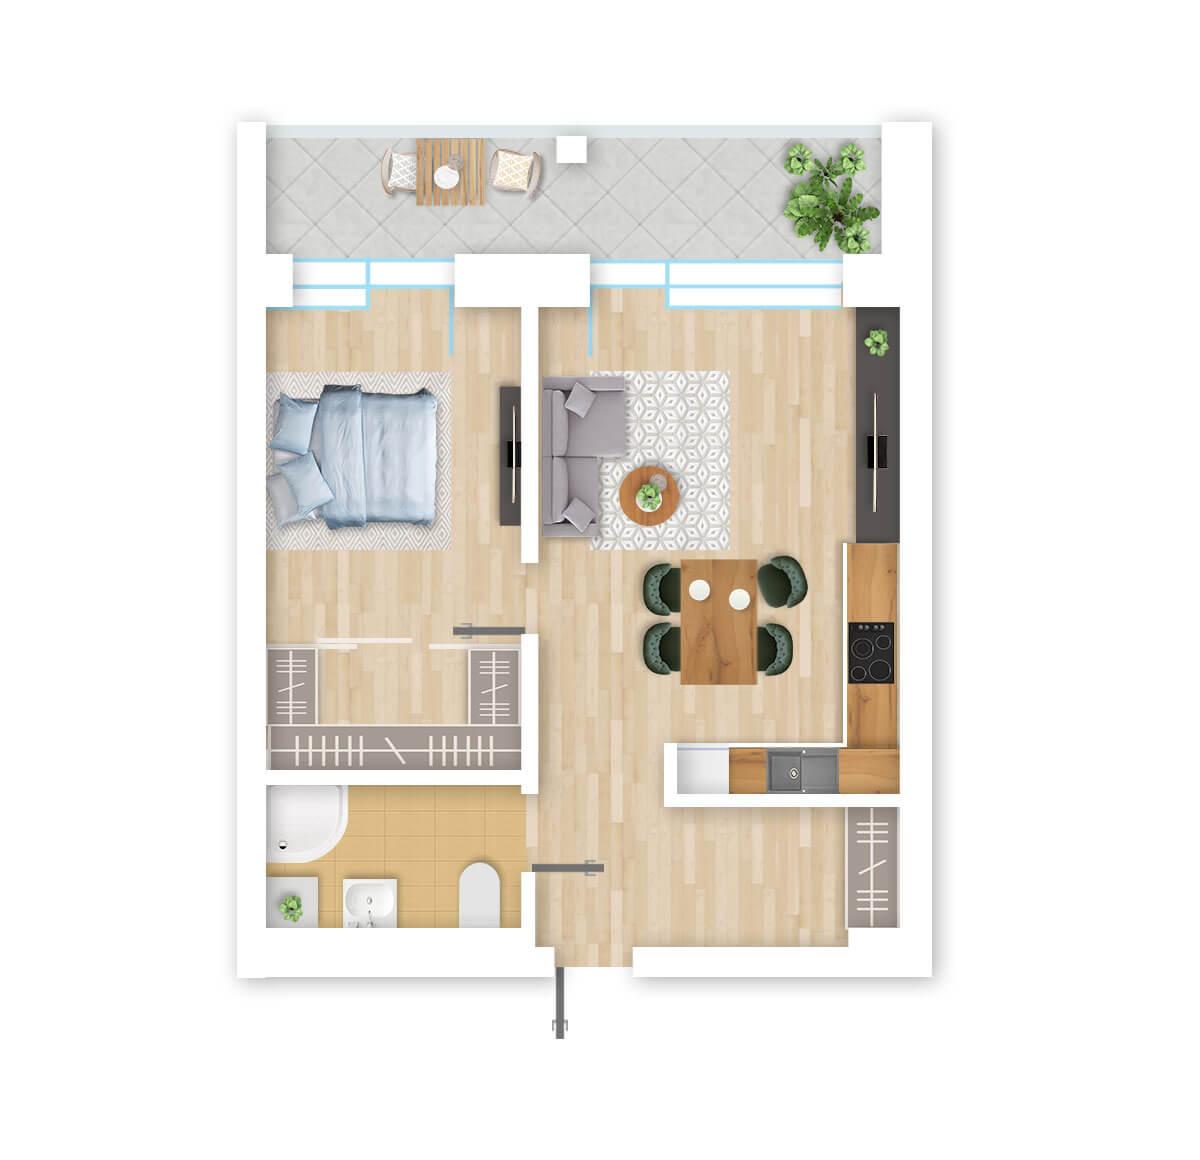 parduodamas butas Lazdynėlių g. 16B - 5 Vilniuje, buto 3D vaizdas